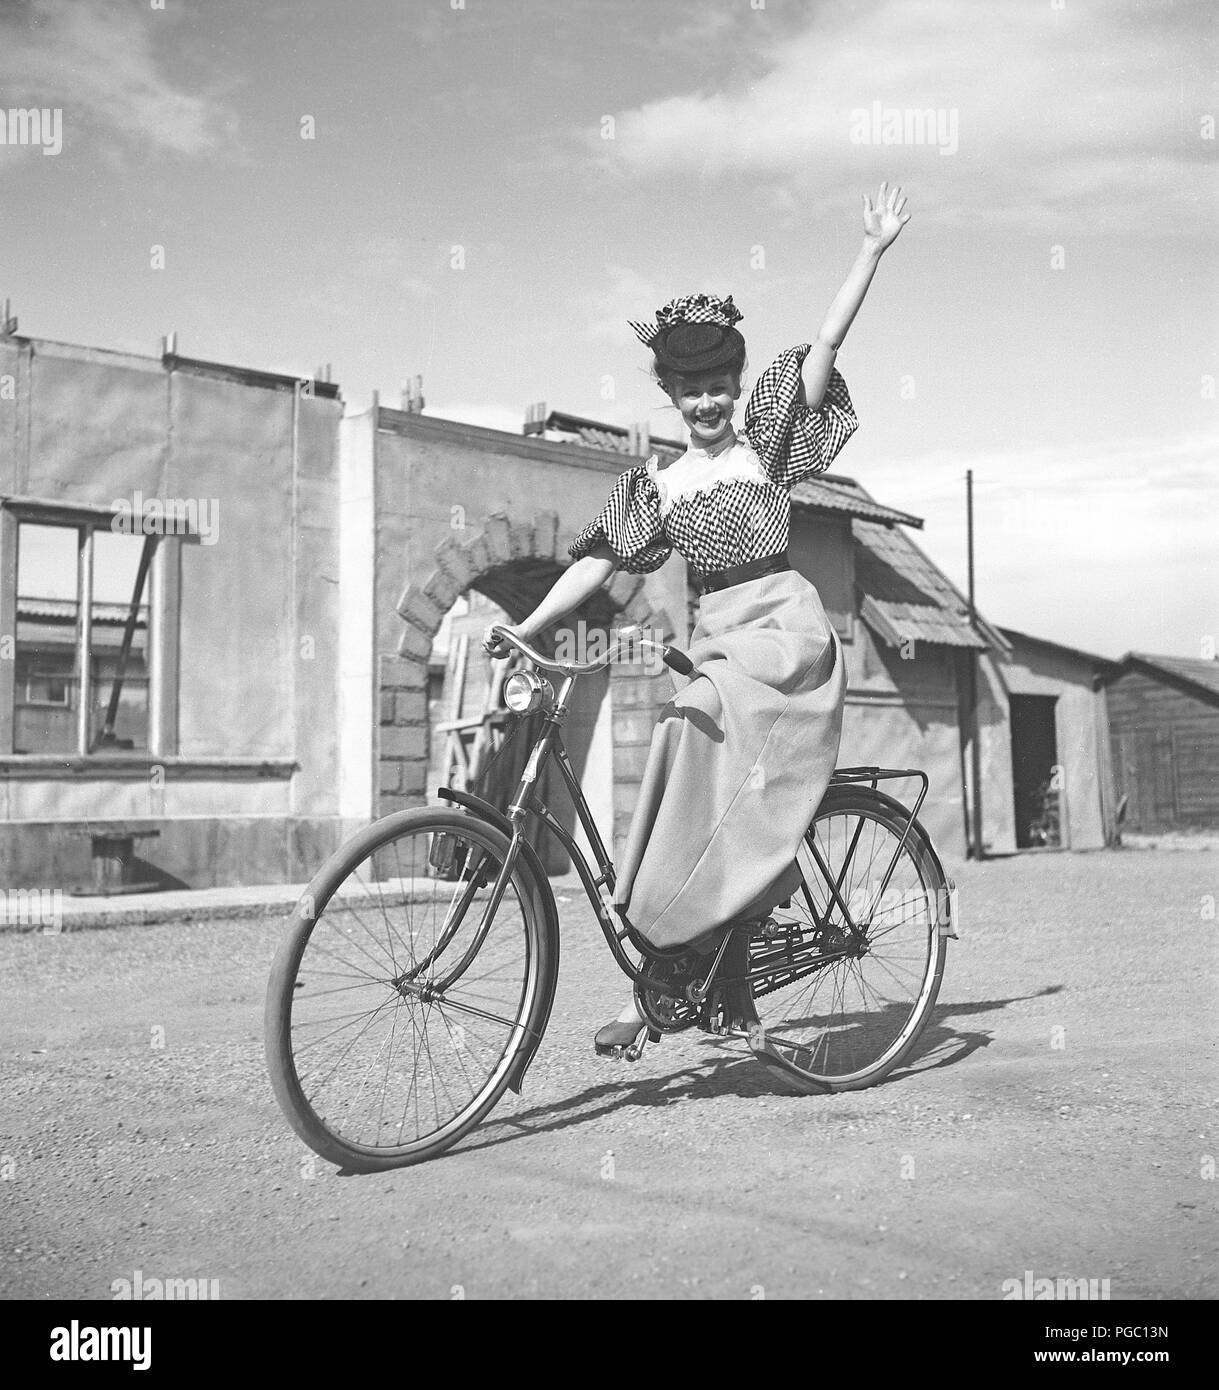 1940 Frau auf einem Fahrrad. Die junge Schauspielerin Sonja Wigert ist reiten ihr Fahrrad auf dem Gelände der Filmstudios von Sandrew in Stockholm. Schweden 1940. Foto Kristoffersson K 22-6 Stockbild